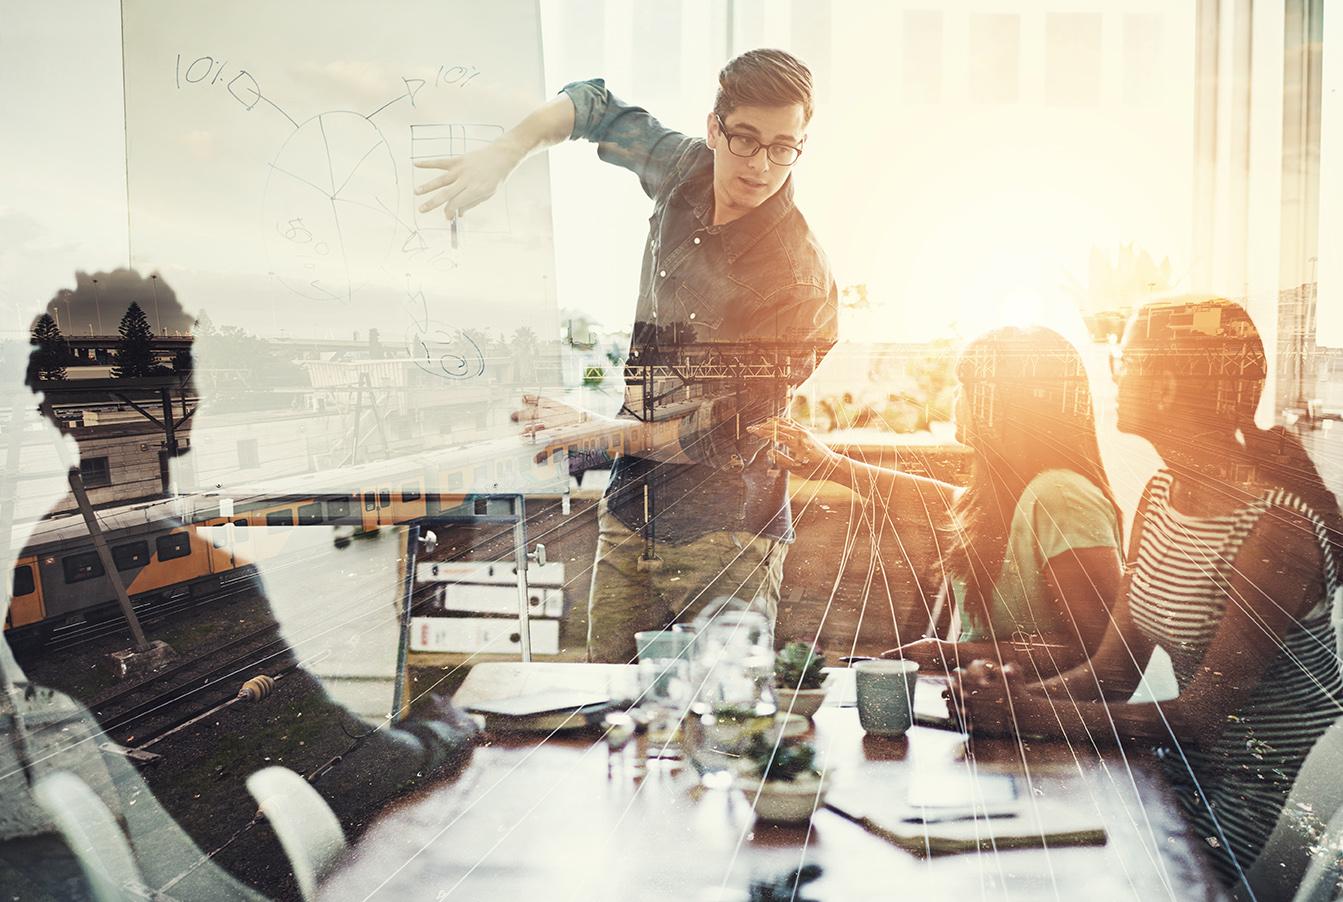 Sharing ideas at a meeting